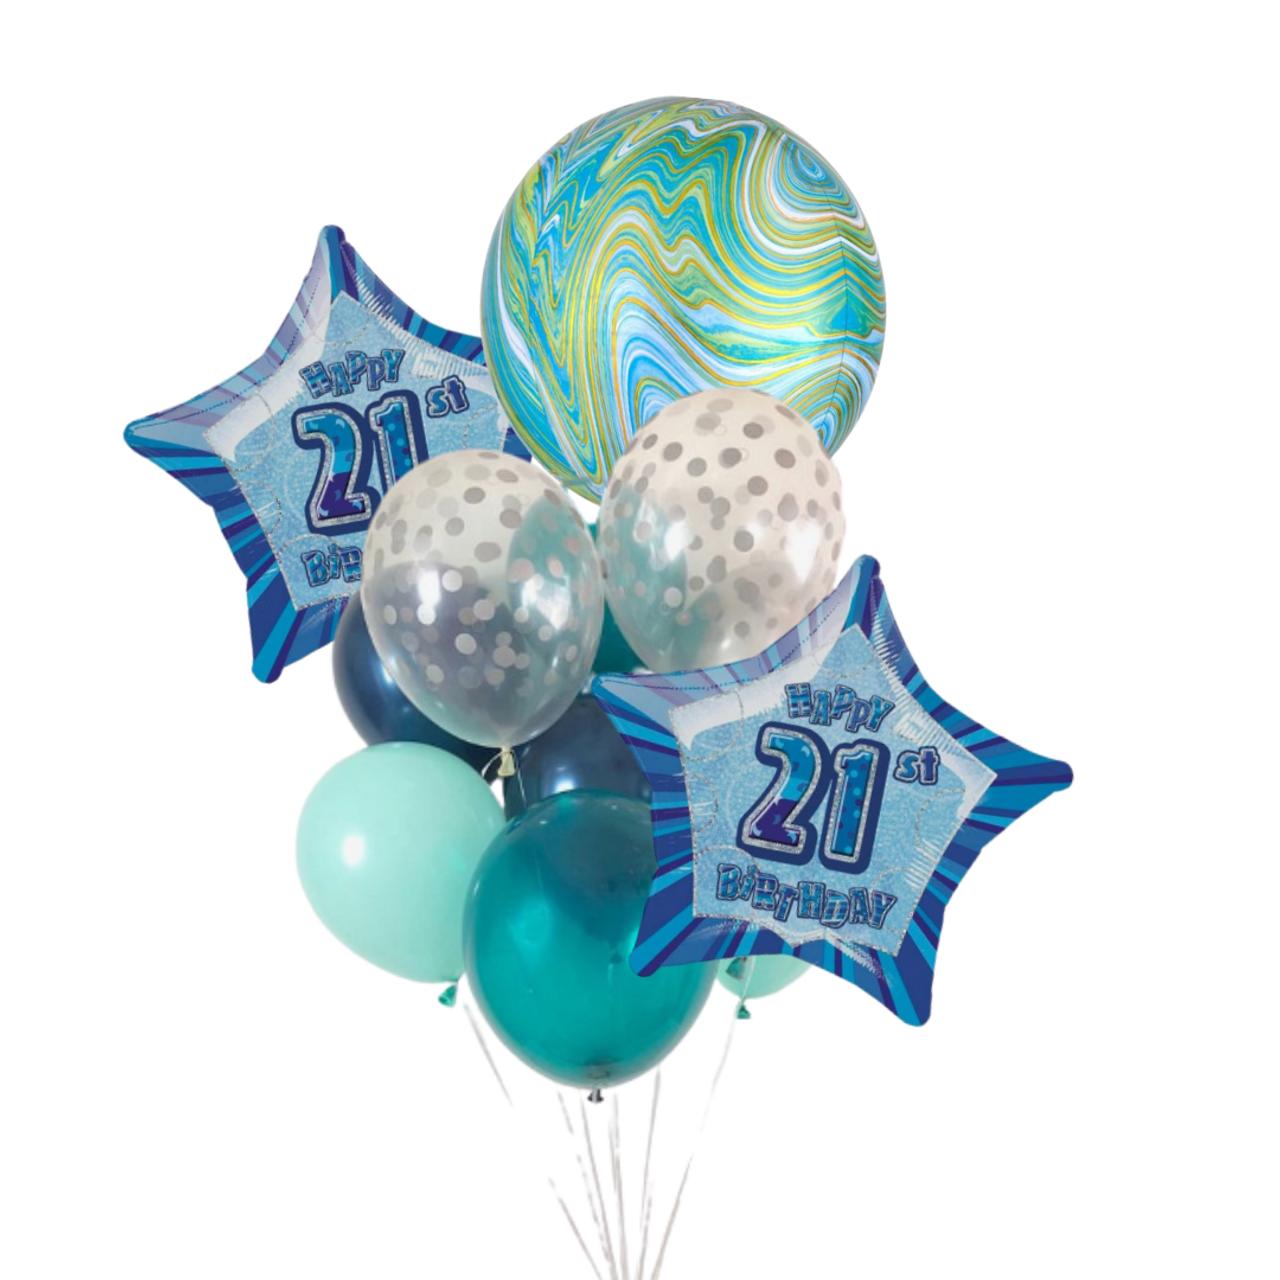 Blue Glitz 21st Birthday Balloon Bouquet